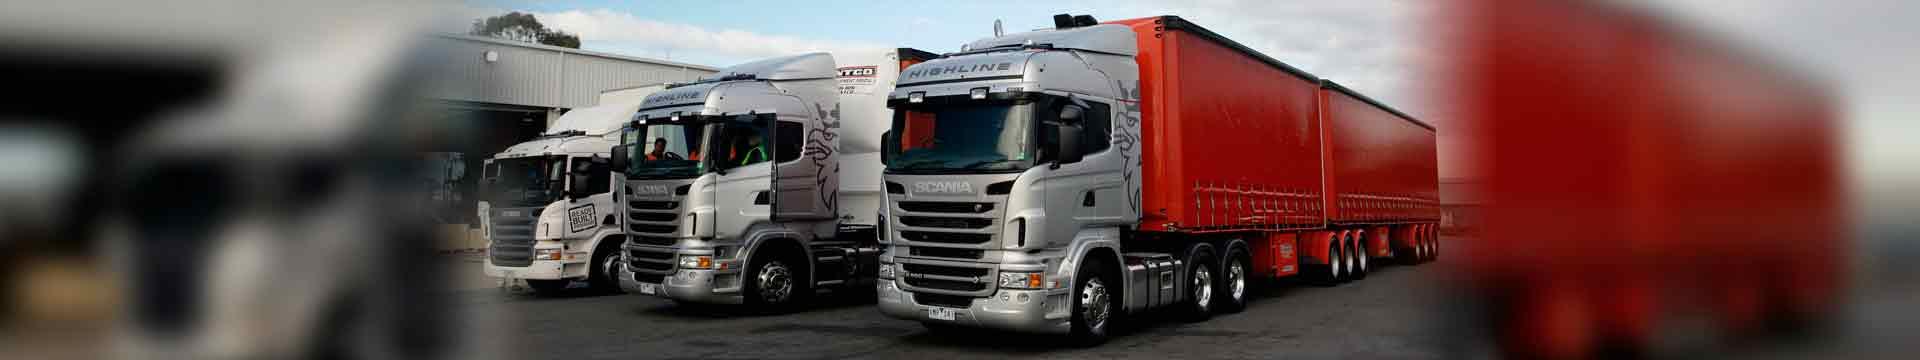 Модельный ряд грузовых автомобилей Scania